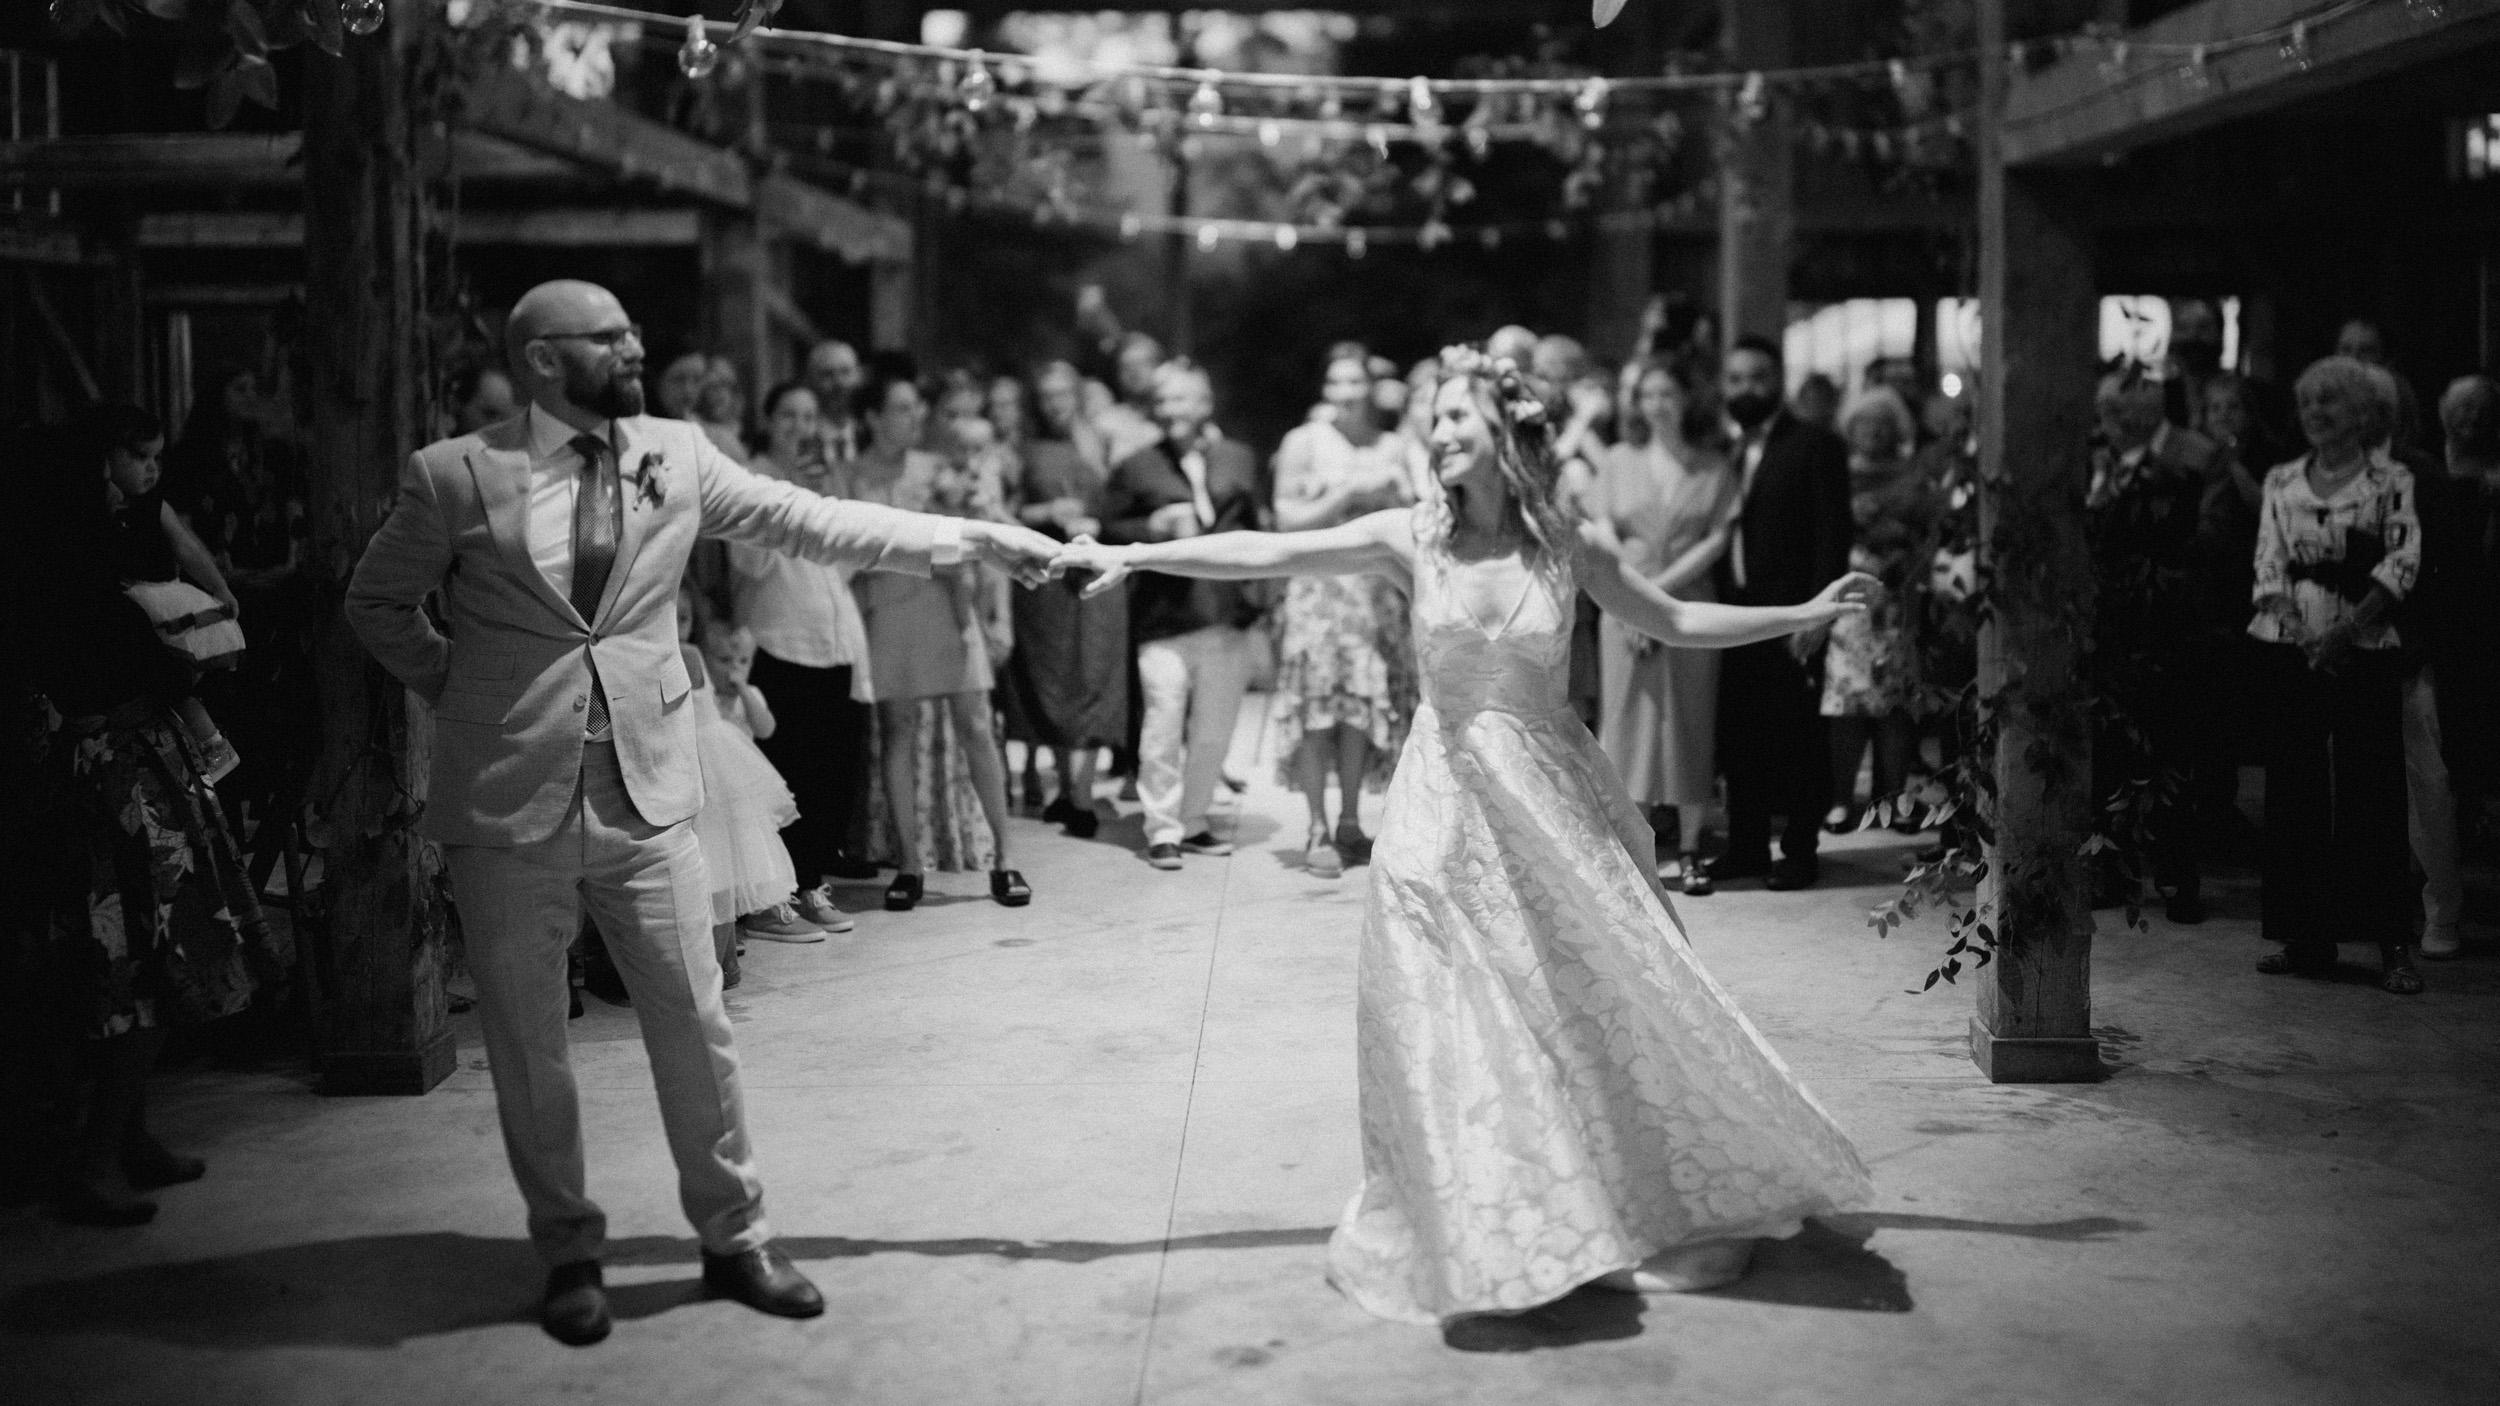 alec_vanderboom_vermont_wedding_photography-0119.jpg